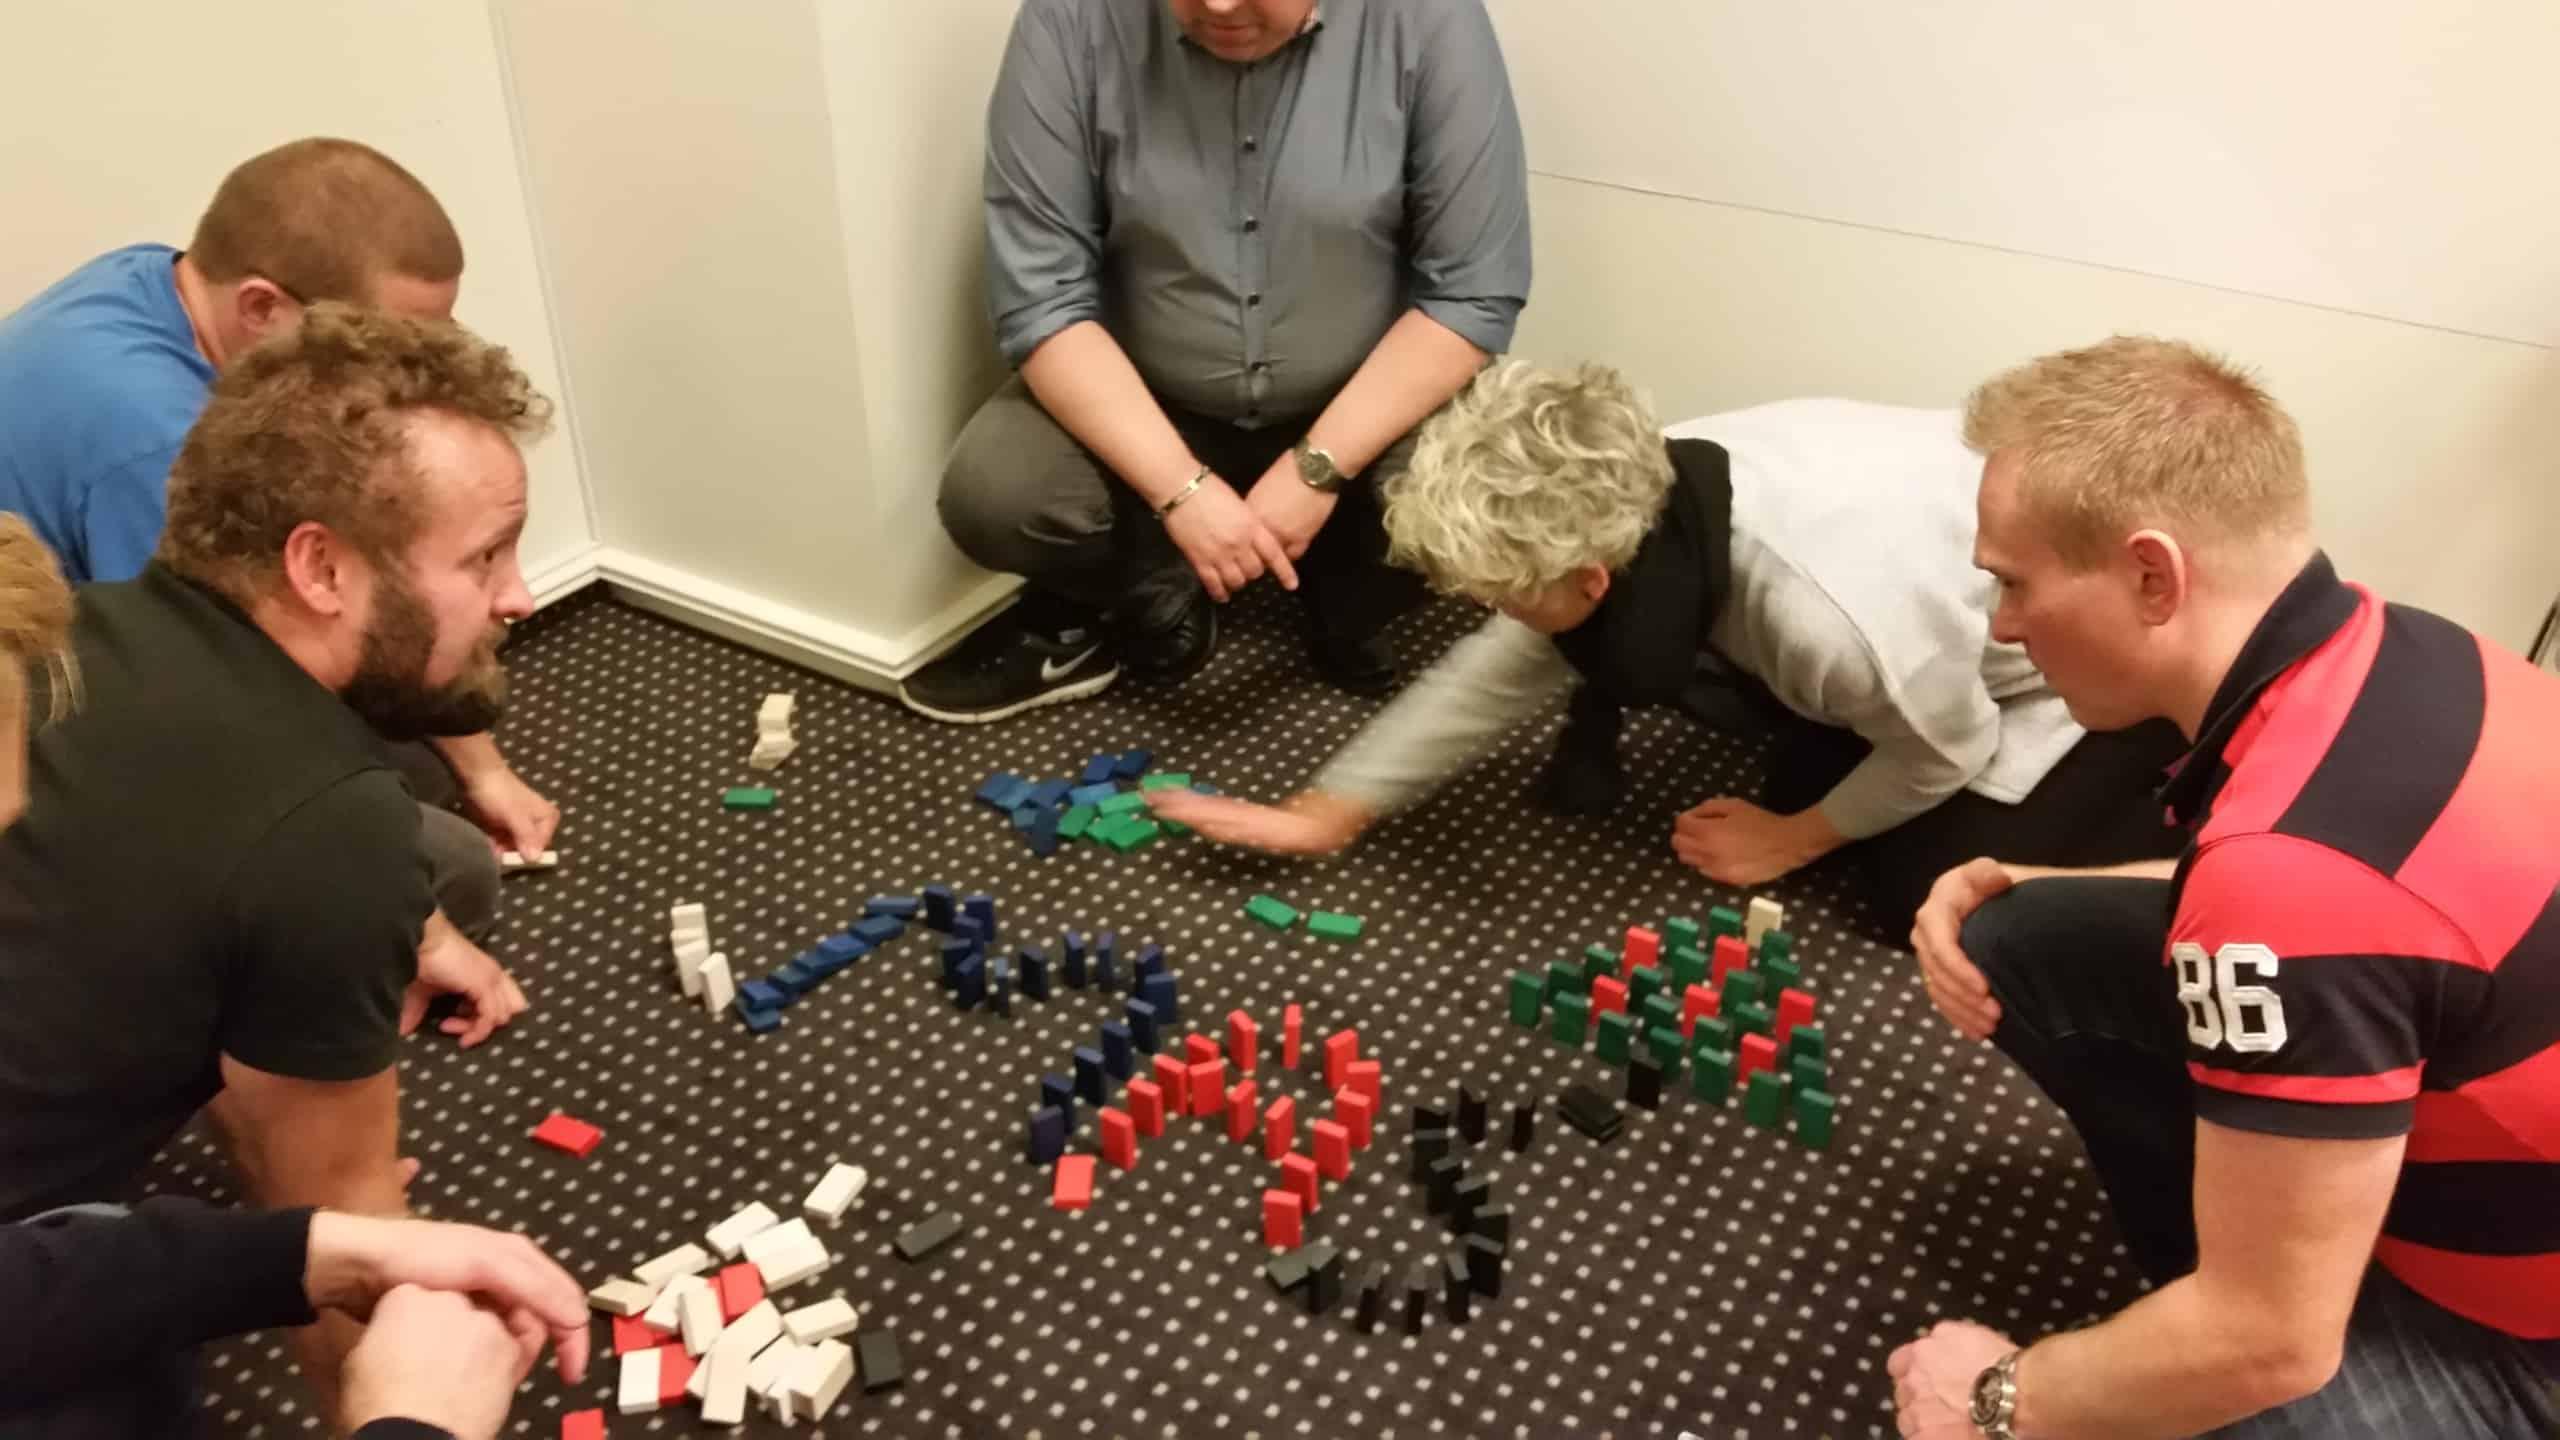 På billedet ses 5 personer som er ved at sætte domino brikker op